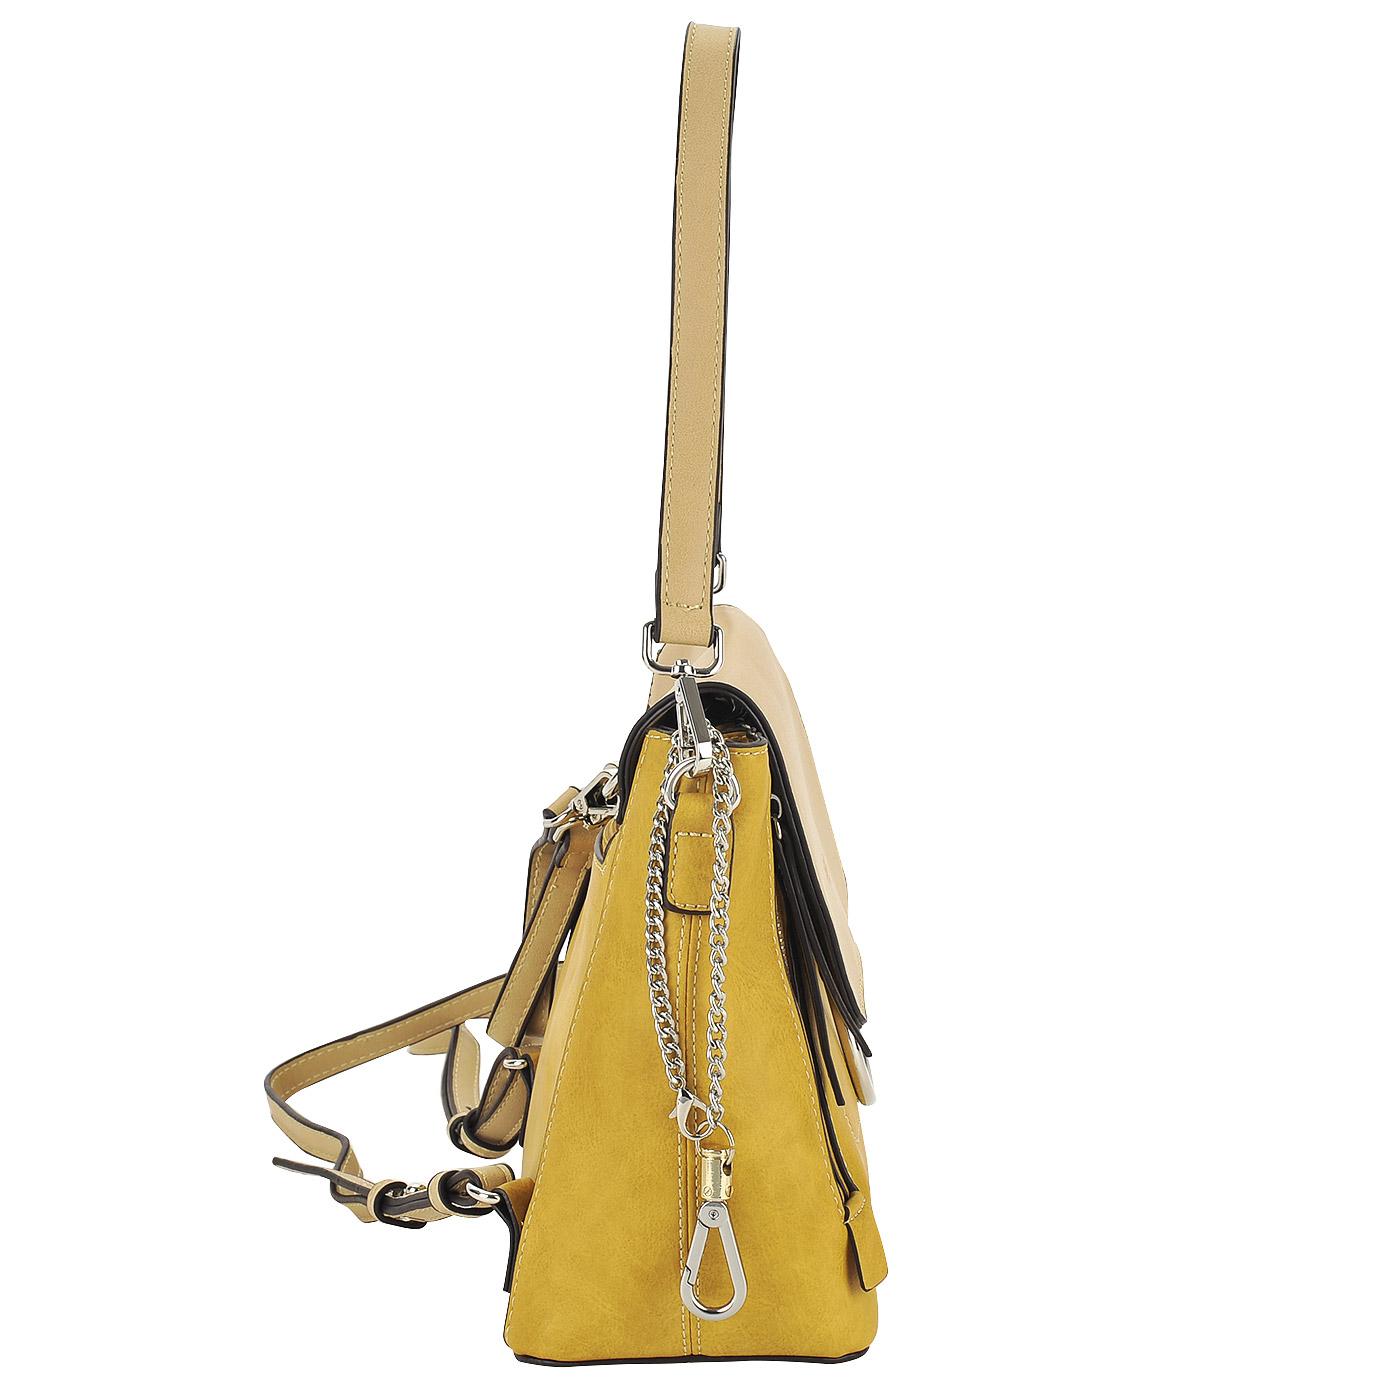 6d247d617b30 ... Практичная женская сумка-рюкзак из экокожи желтого цвета Dispacci ...